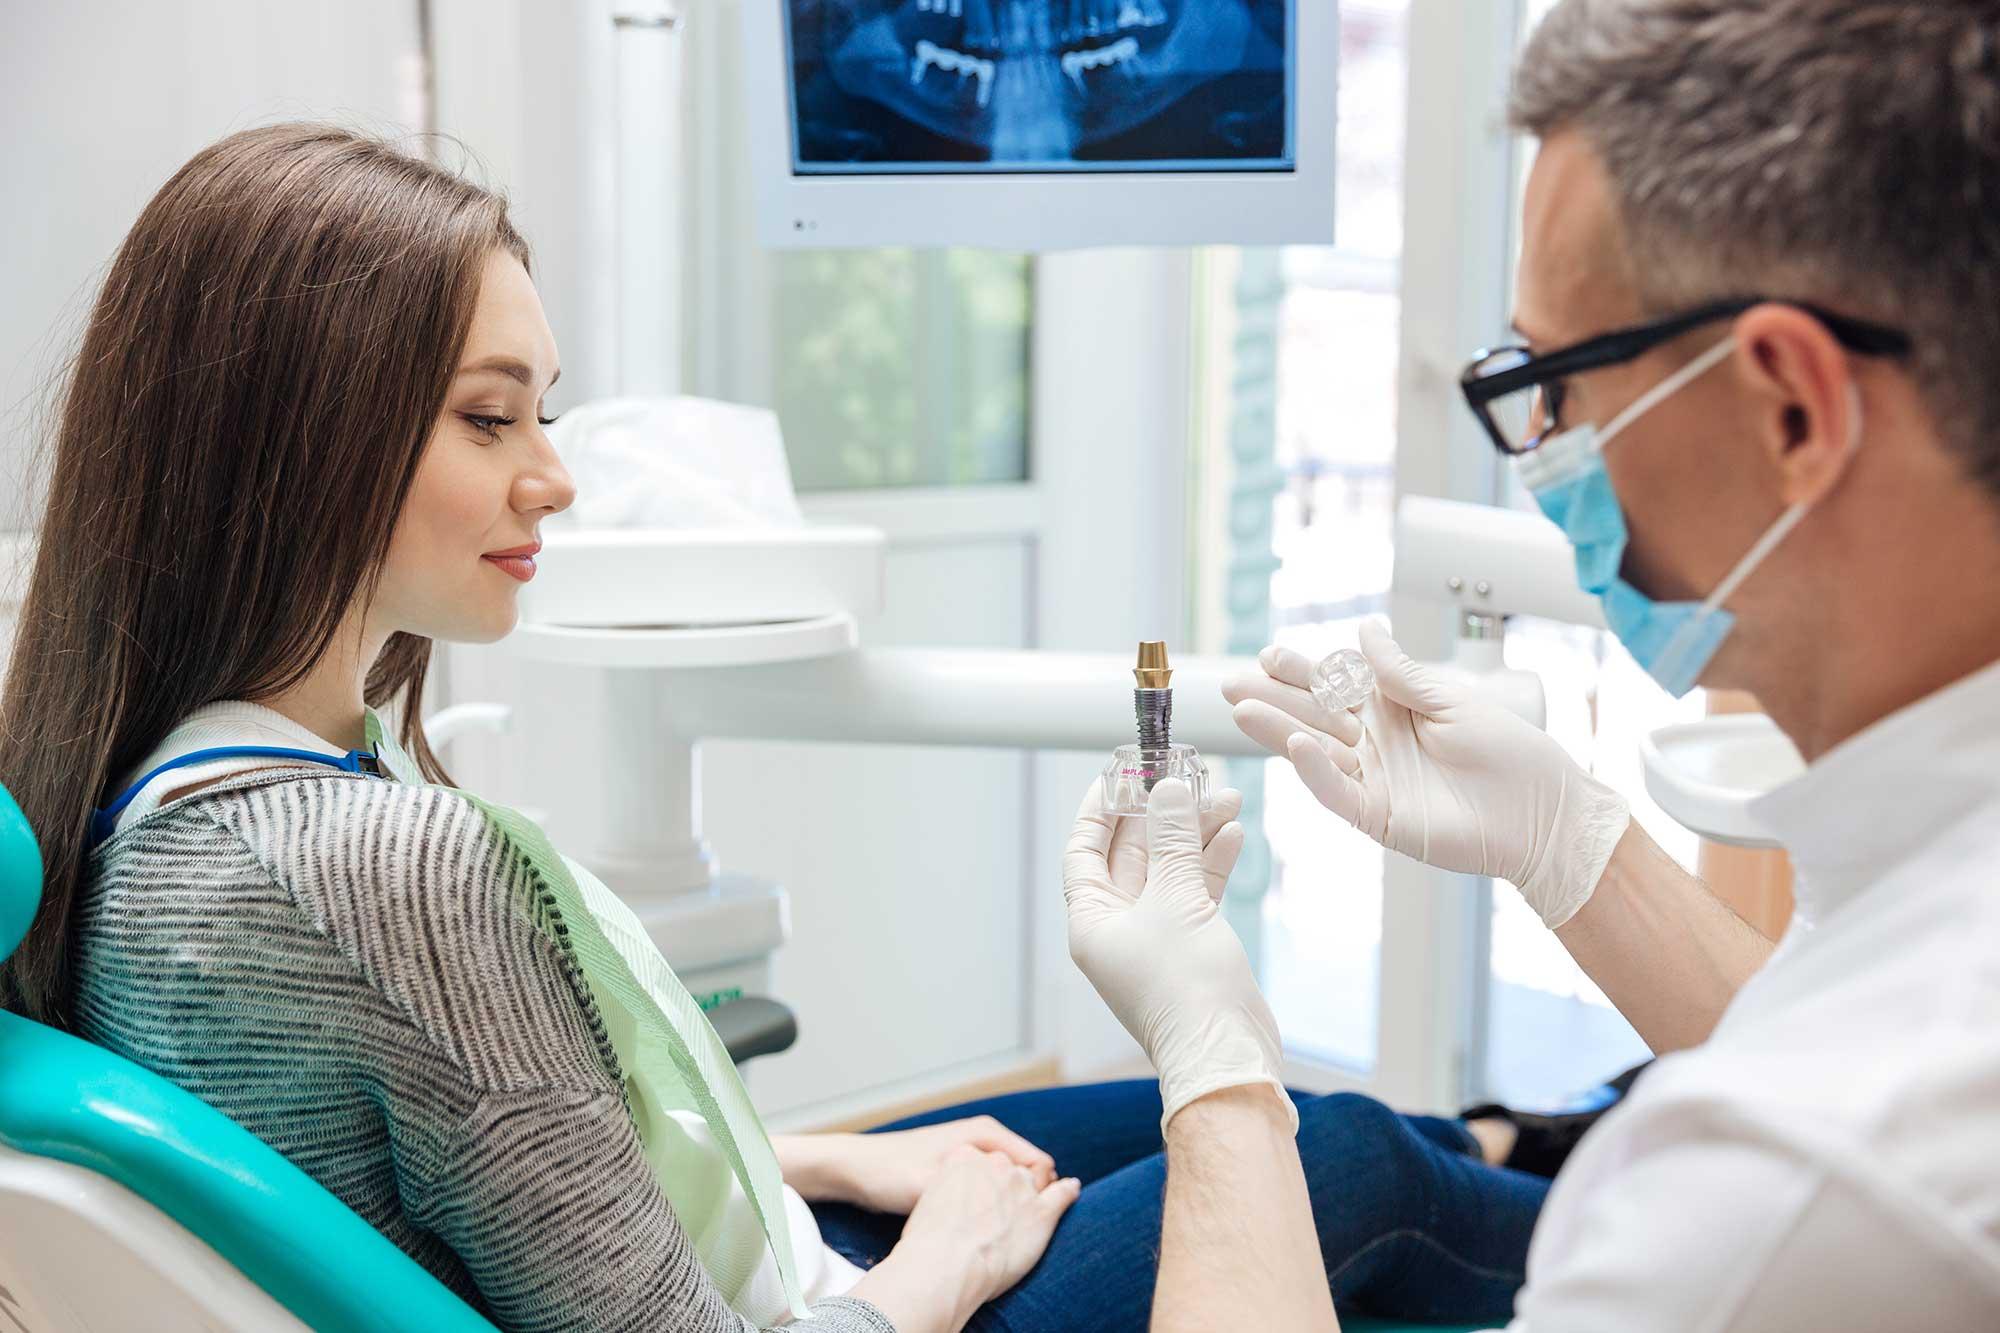 Zahnarzt berät Patientin zum Implantat